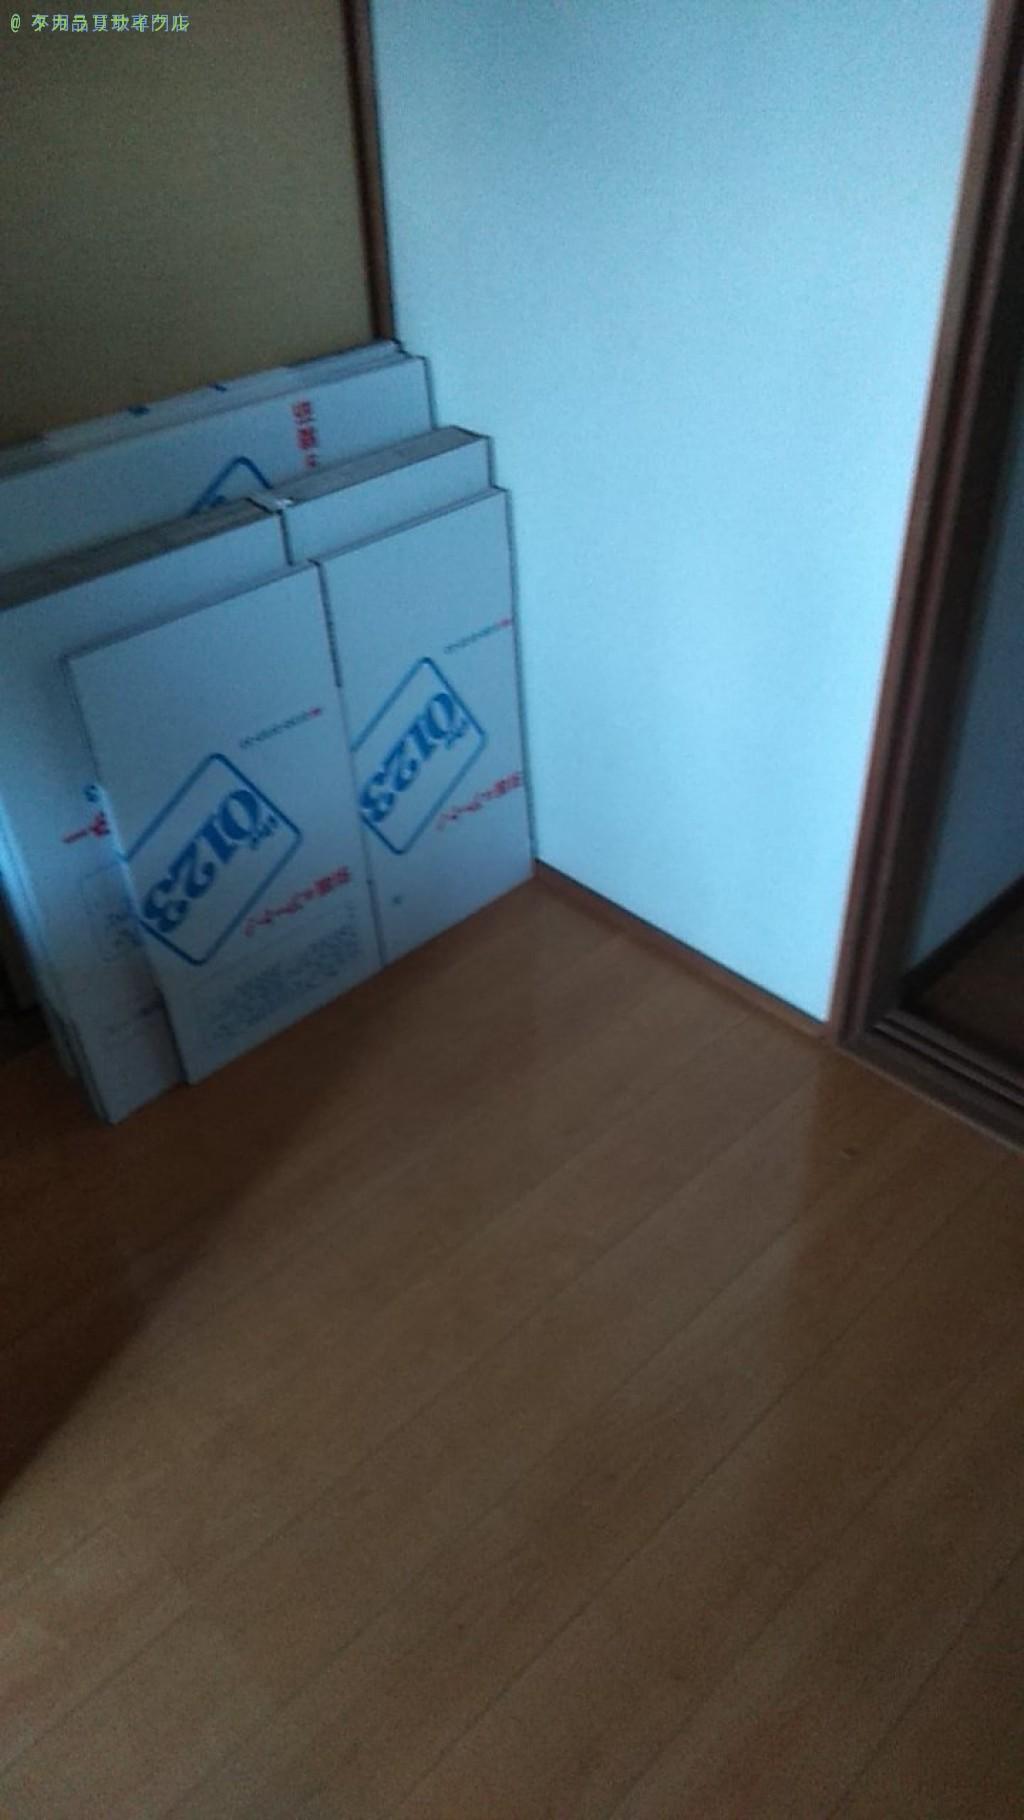 【今治市中寺】折りたたみベッドほか家具の処分・回収のご依頼者さま